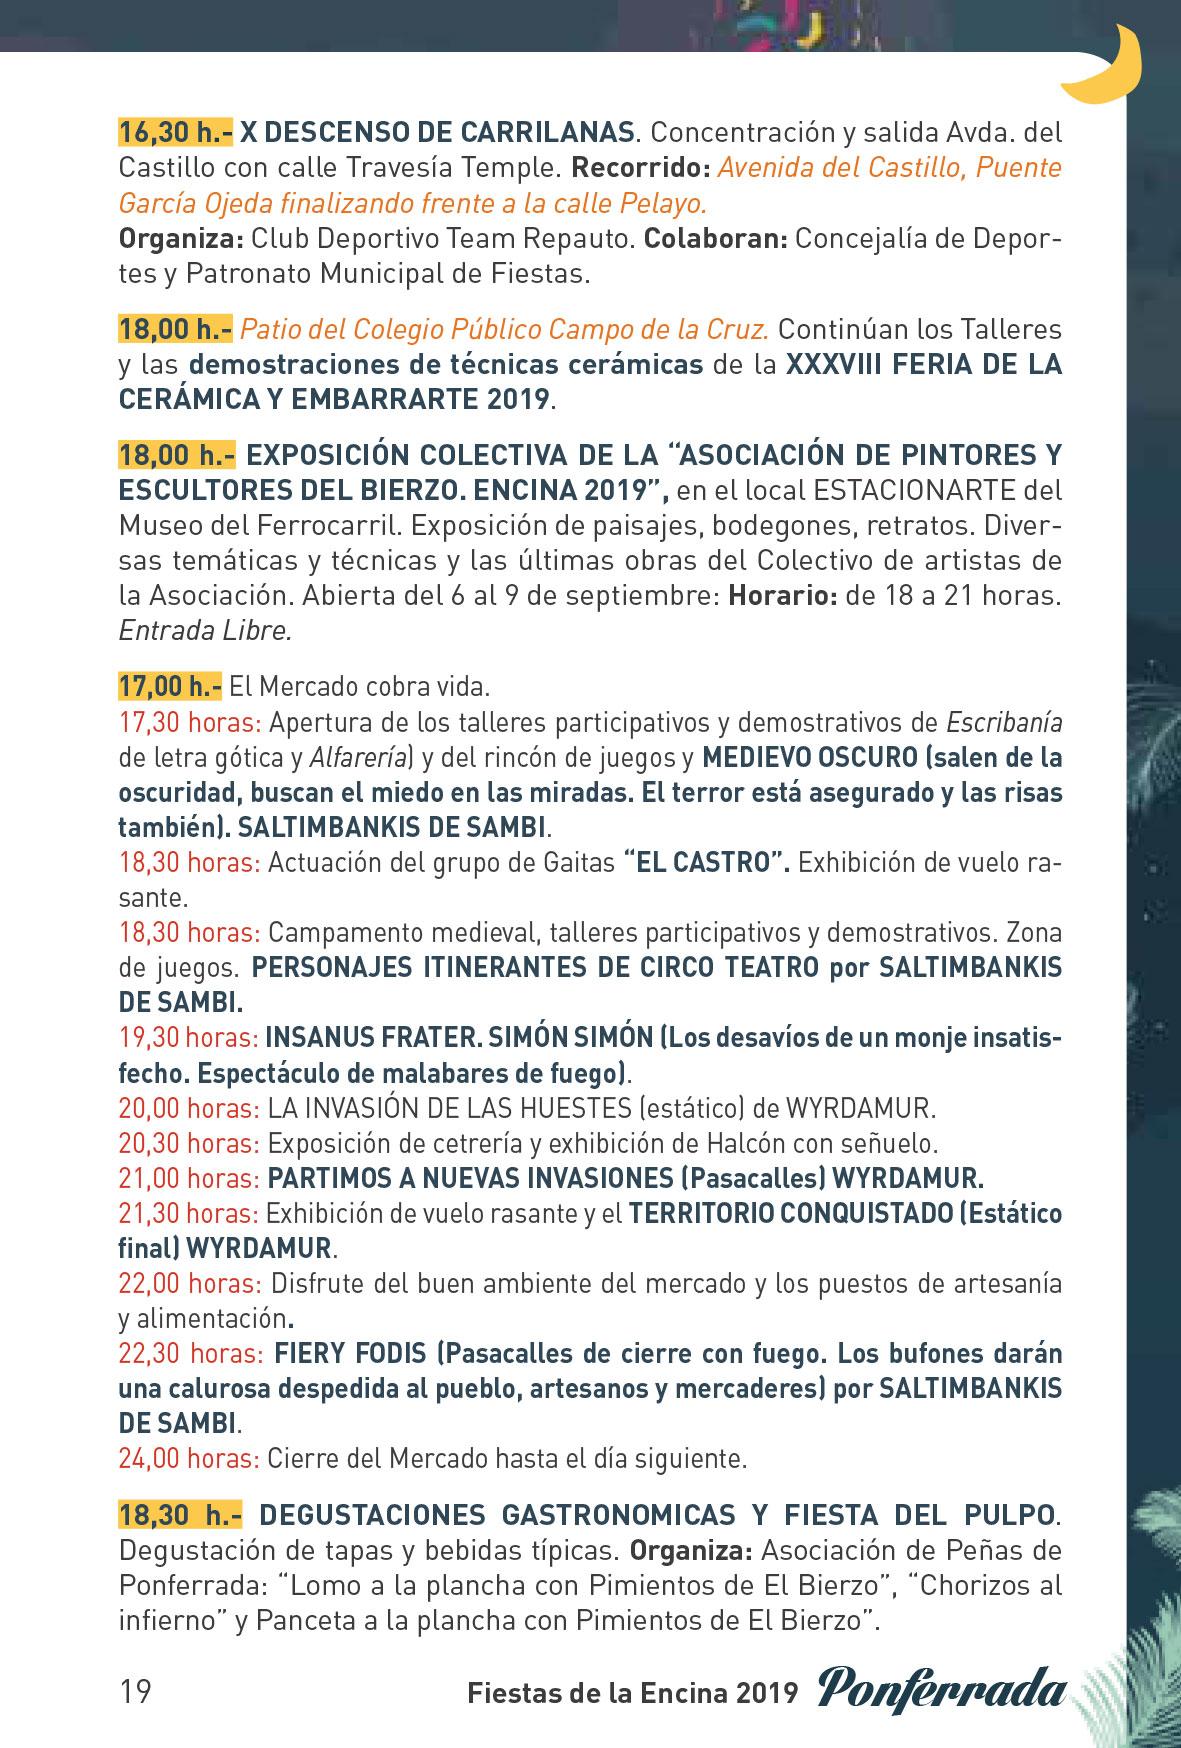 Fiestas de la Encina 2019. Programa y actividades 19